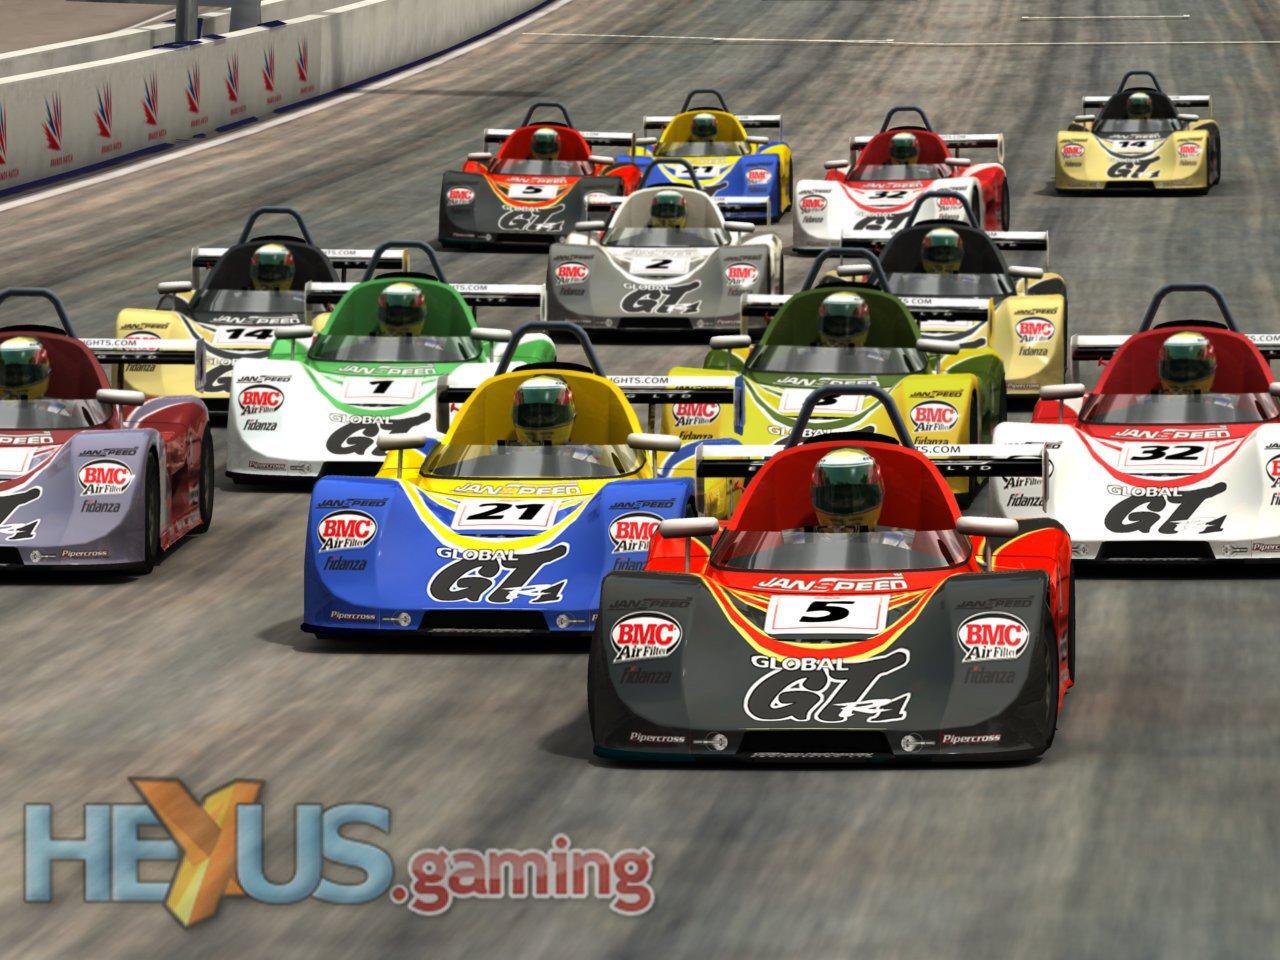 TOCA Race Driver 3 - PC - PC - Preview - HEXUS net - Page 3